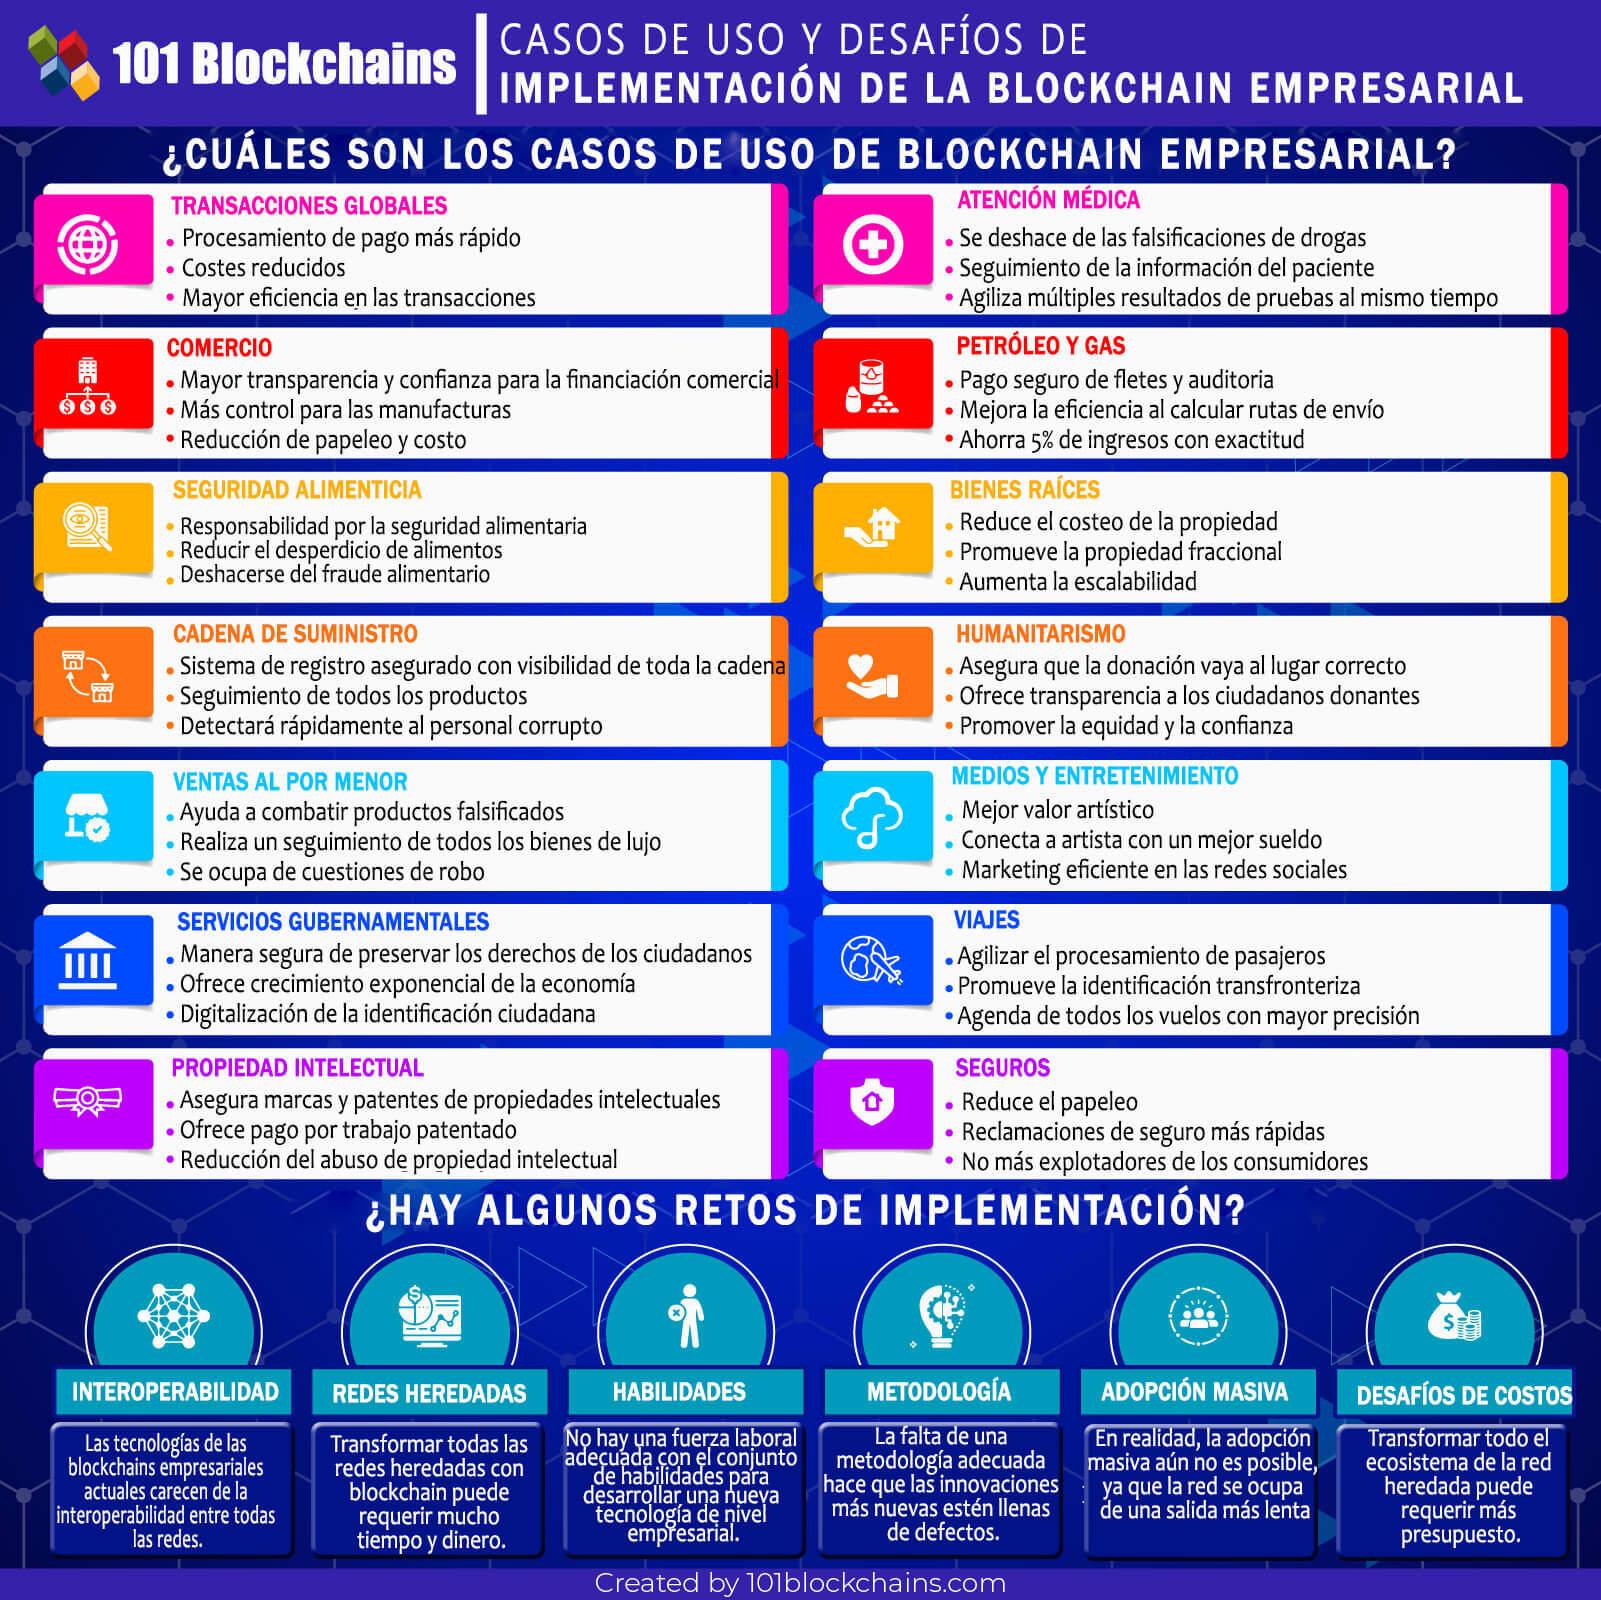 CASOS DE USO Y DESAFÍOS DE IMPLEMENTACIÓN DE LA BLOCKCHAIN EMPRESARIAL